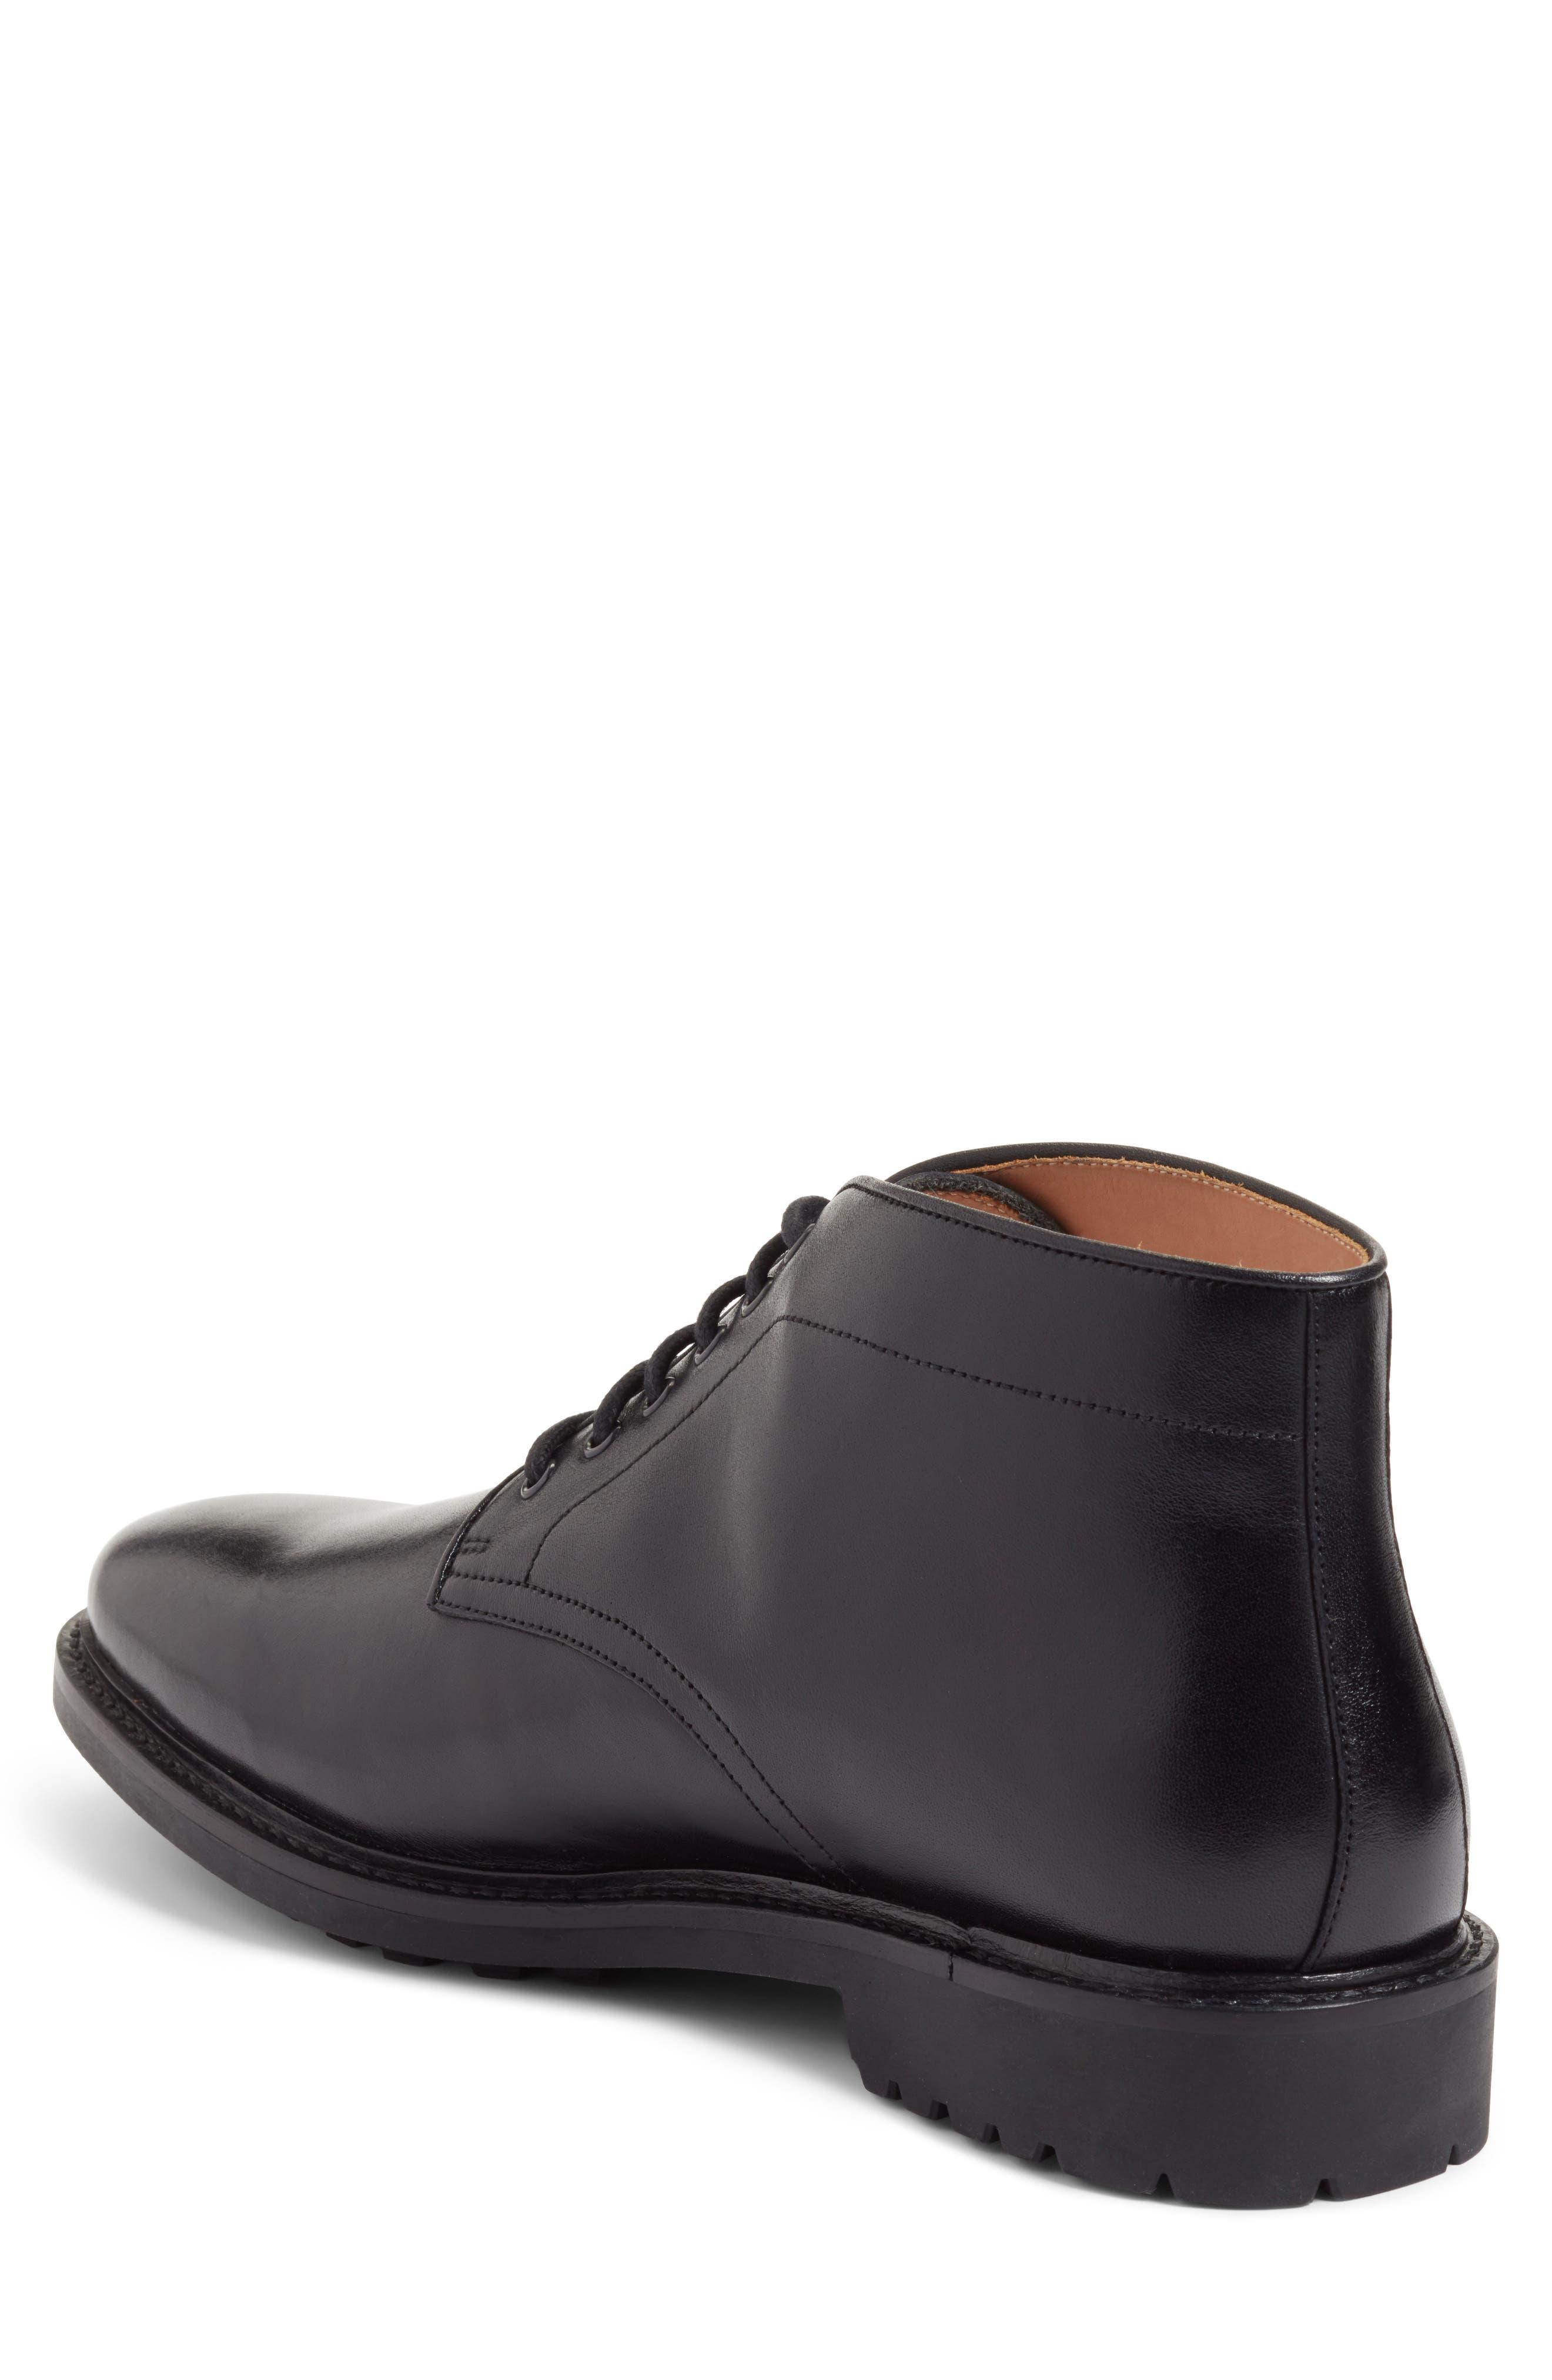 Ramiro Plain Toe Boot,                             Alternate thumbnail 2, color,                             Black Leather